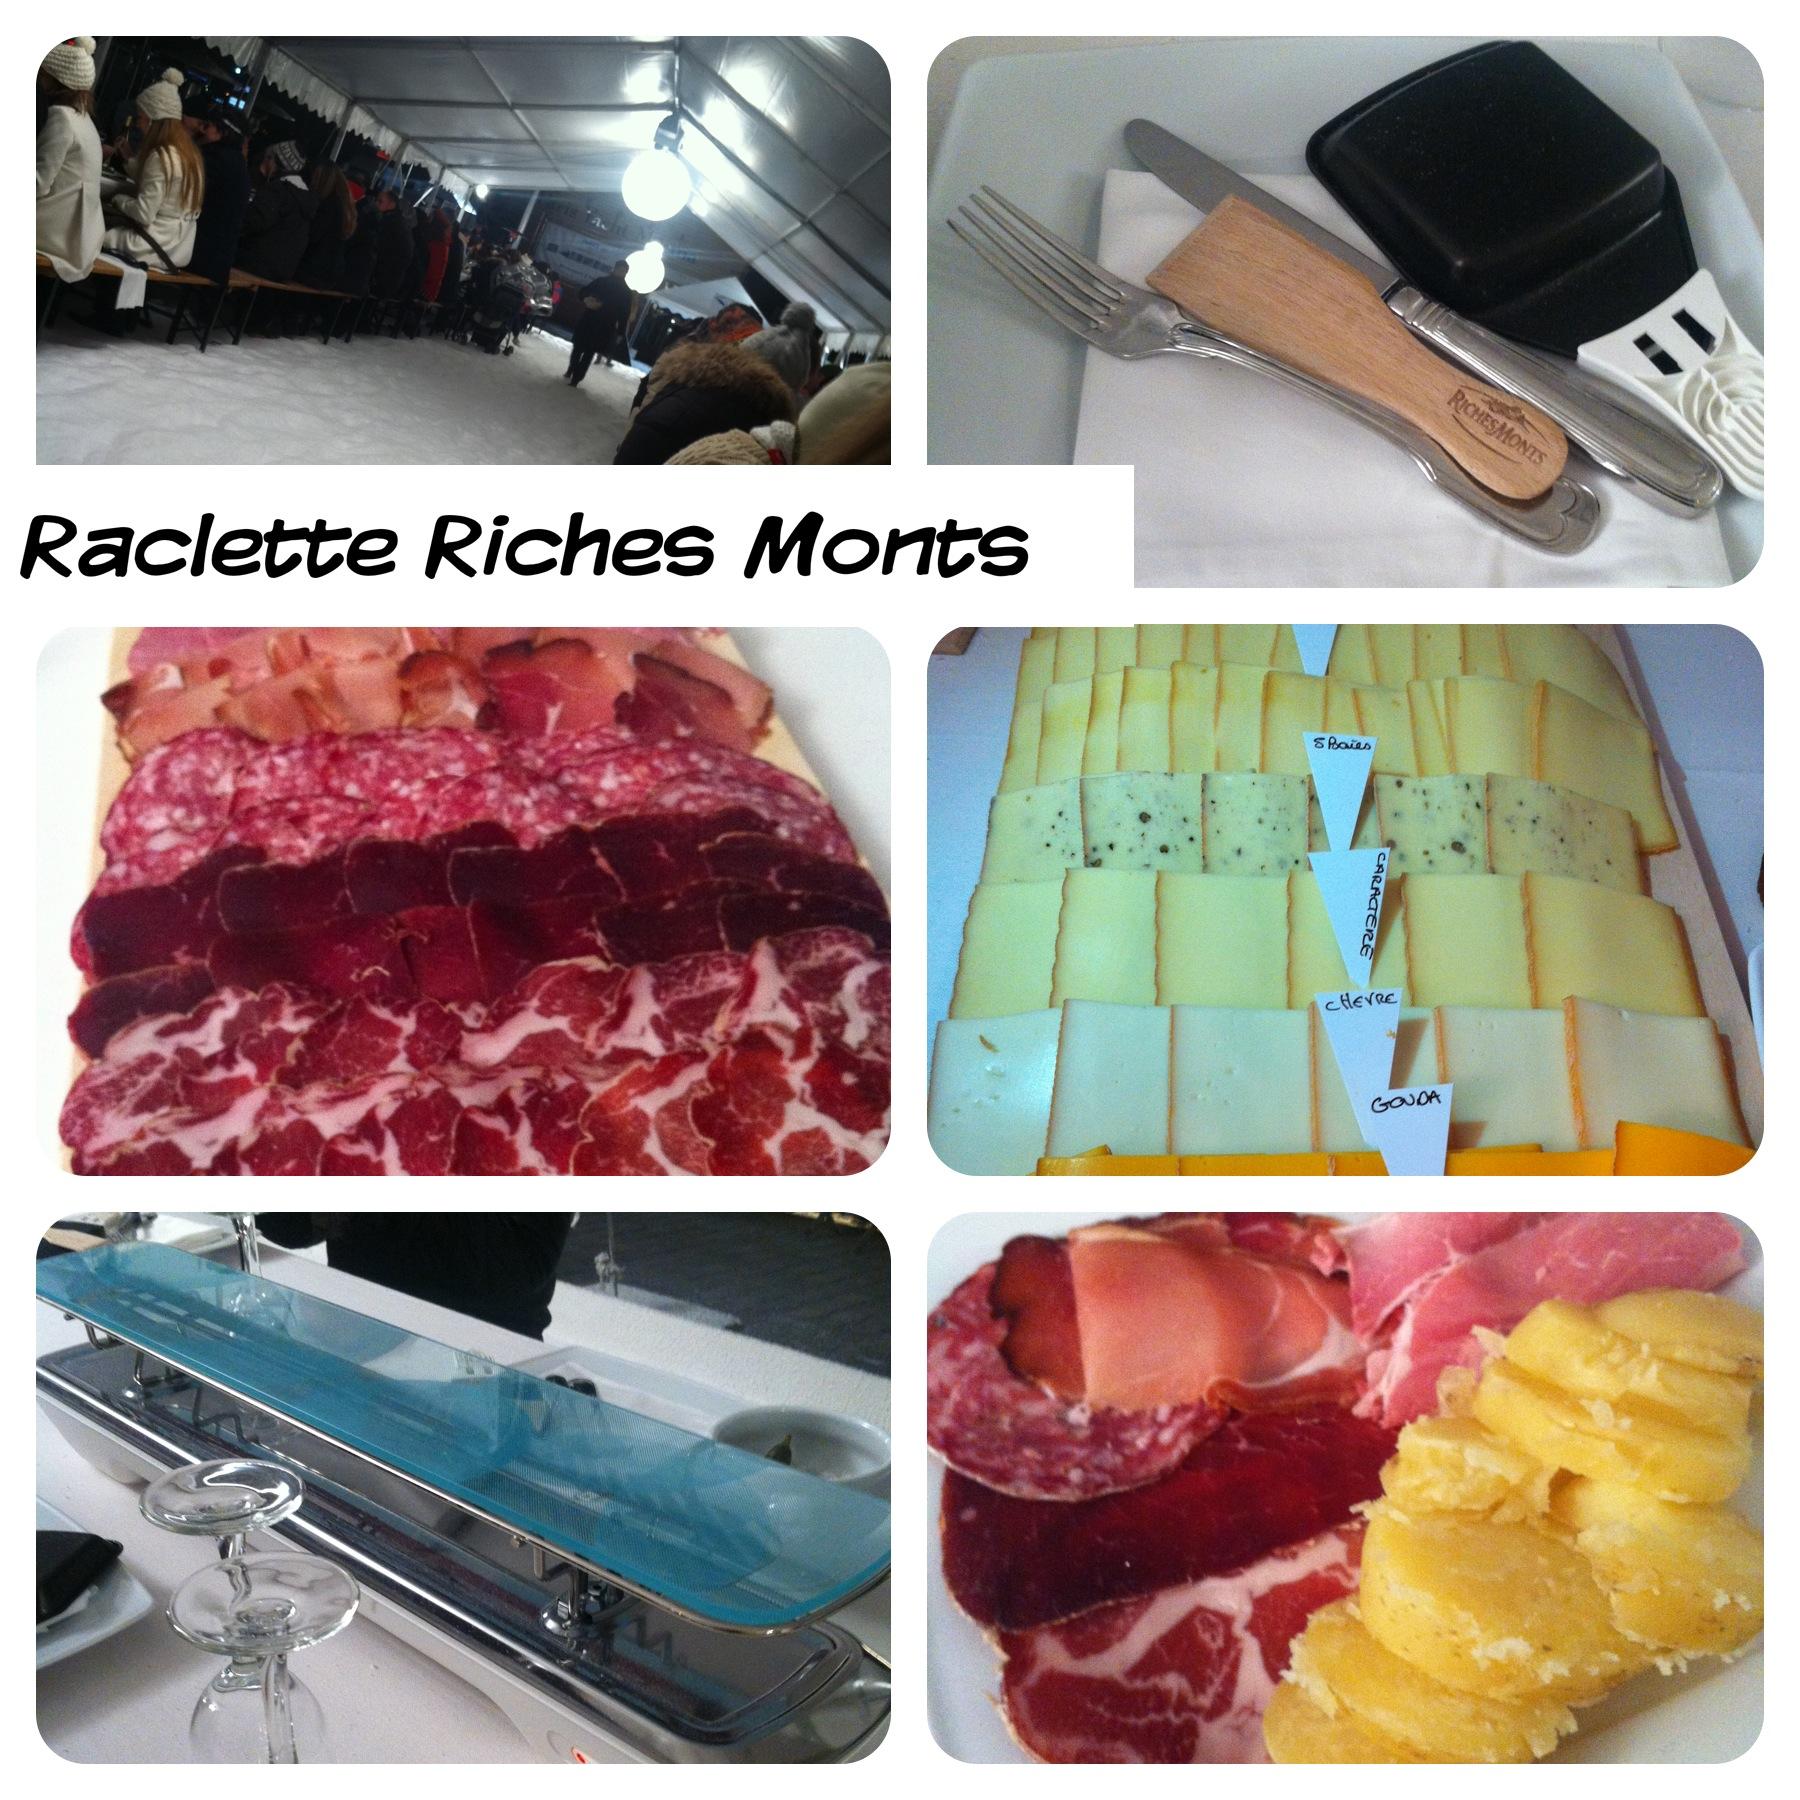 la raclette party de riches monts paum e paris. Black Bedroom Furniture Sets. Home Design Ideas